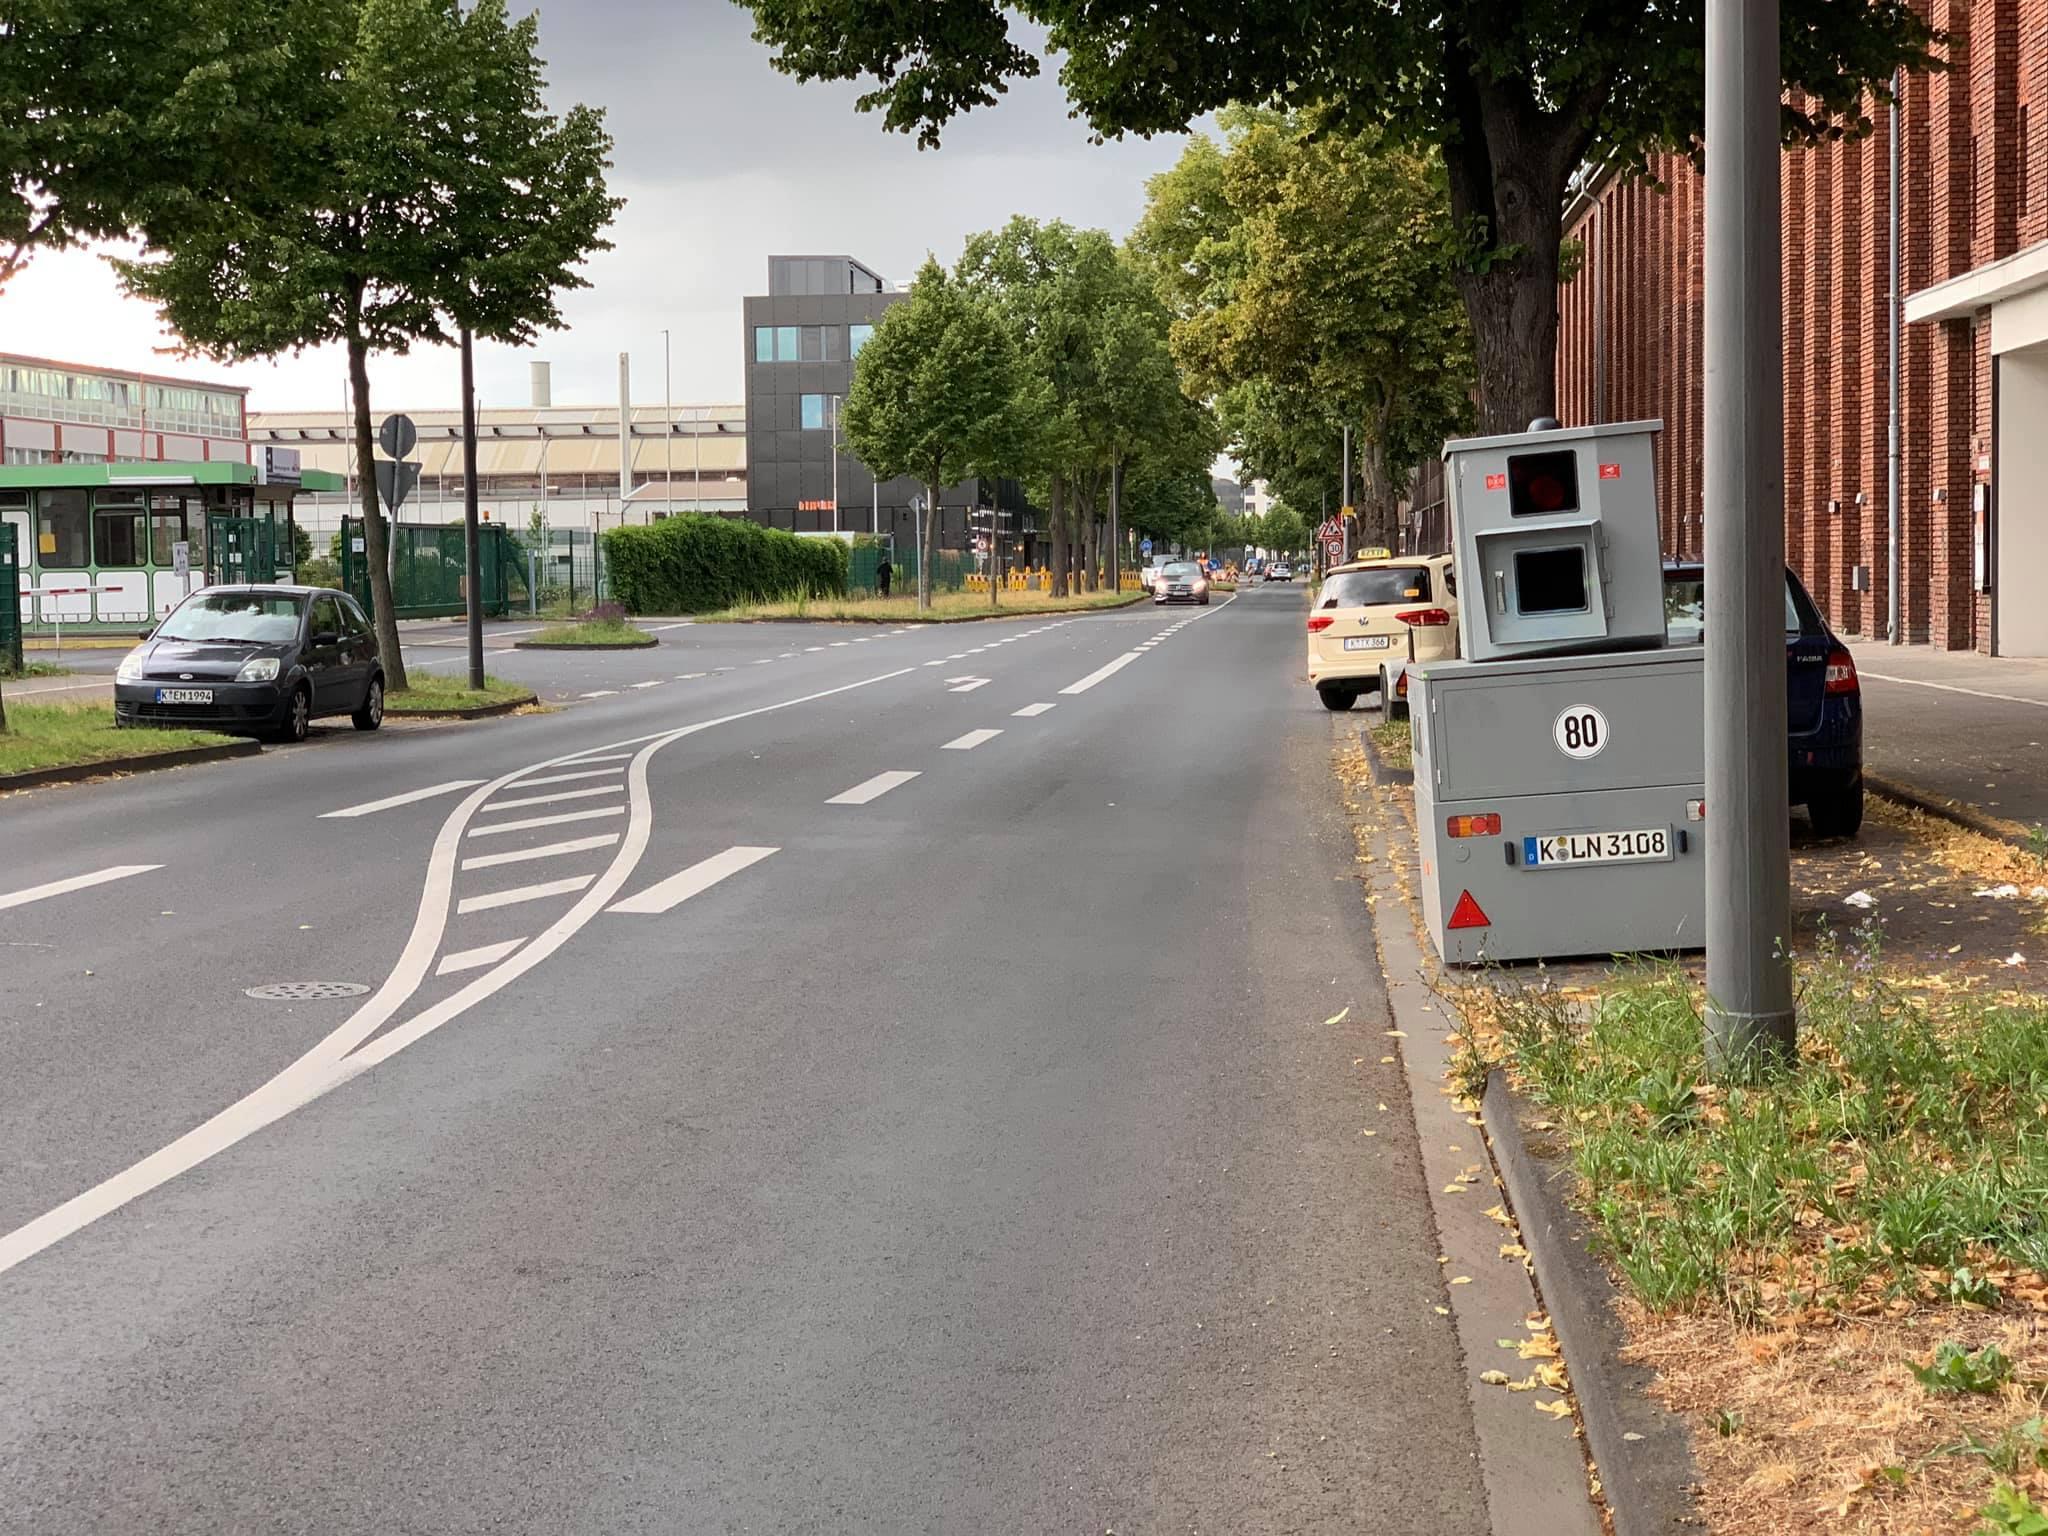 Dillenburger Straße 56-66 51105 Köln